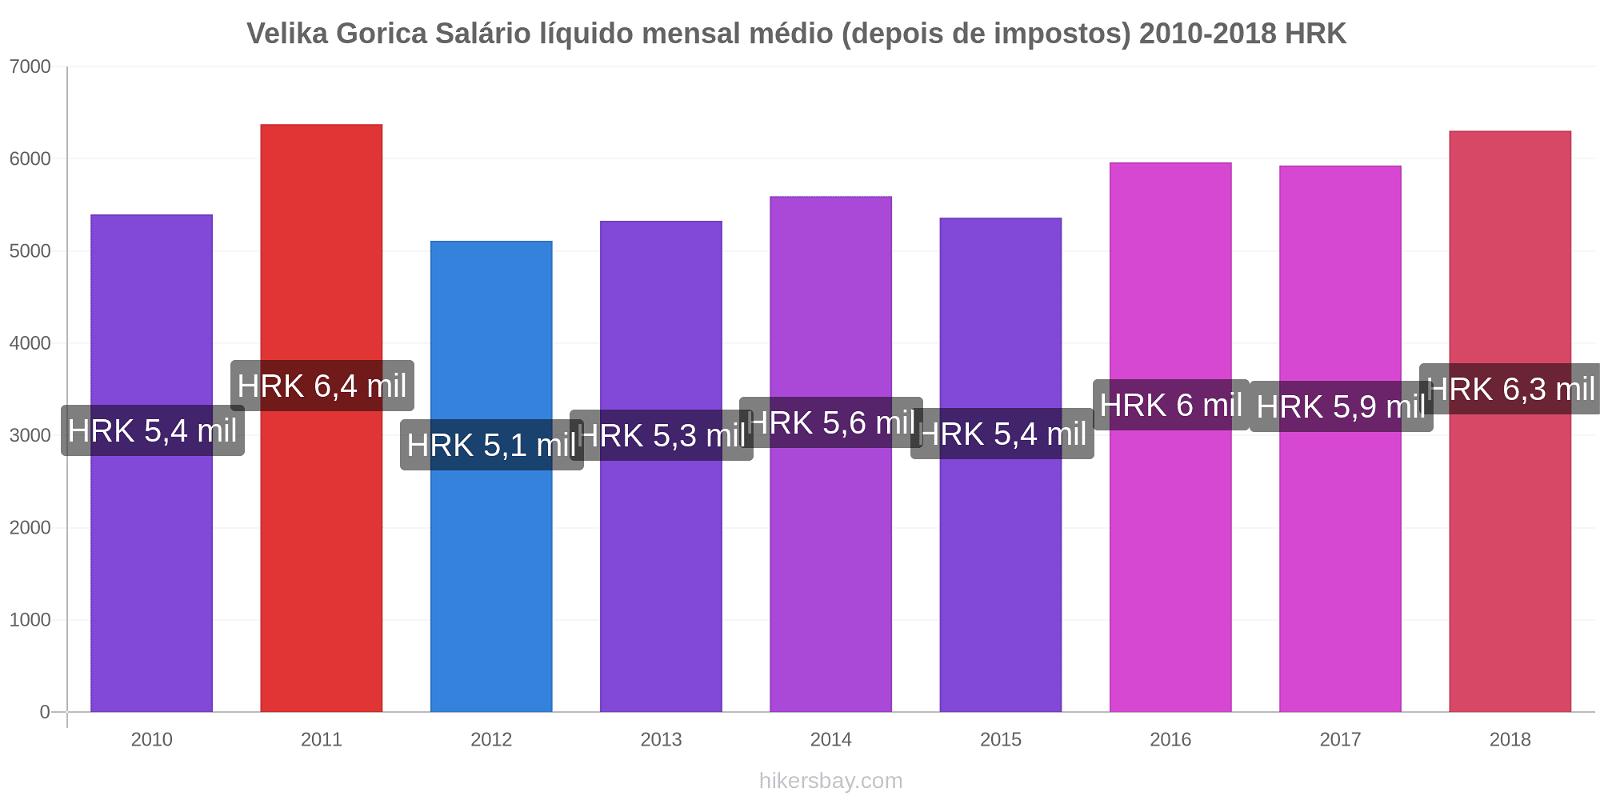 Velika Gorica variação de preço Salário líquido mensal médio (depois de impostos) hikersbay.com